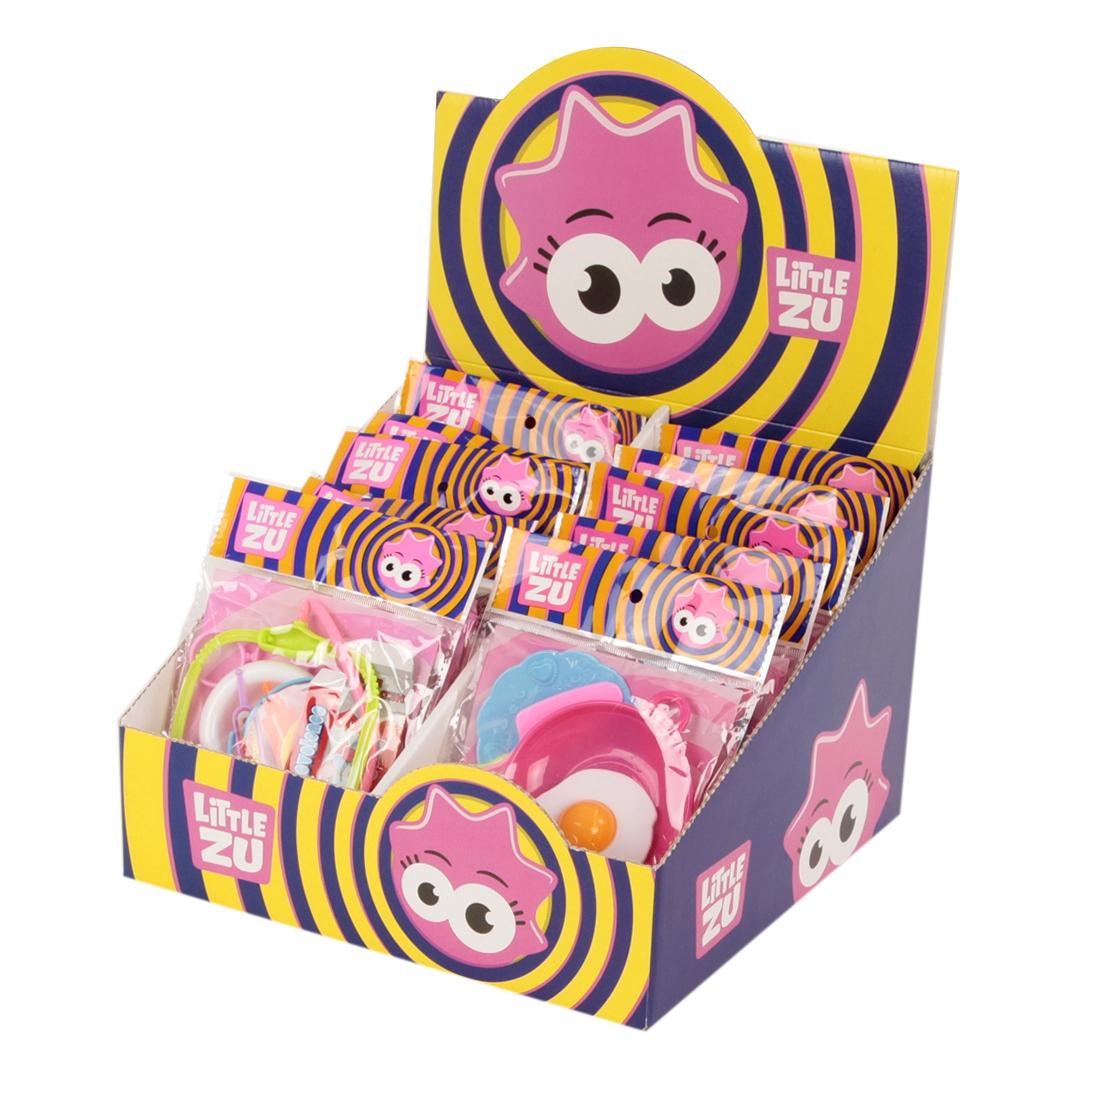 Игра Наша игрушка Набор Доктор, Красотка, Учимся готовить, Овощи наша игрушка набор веселый доктор в сумочке 10 аксс 534 3